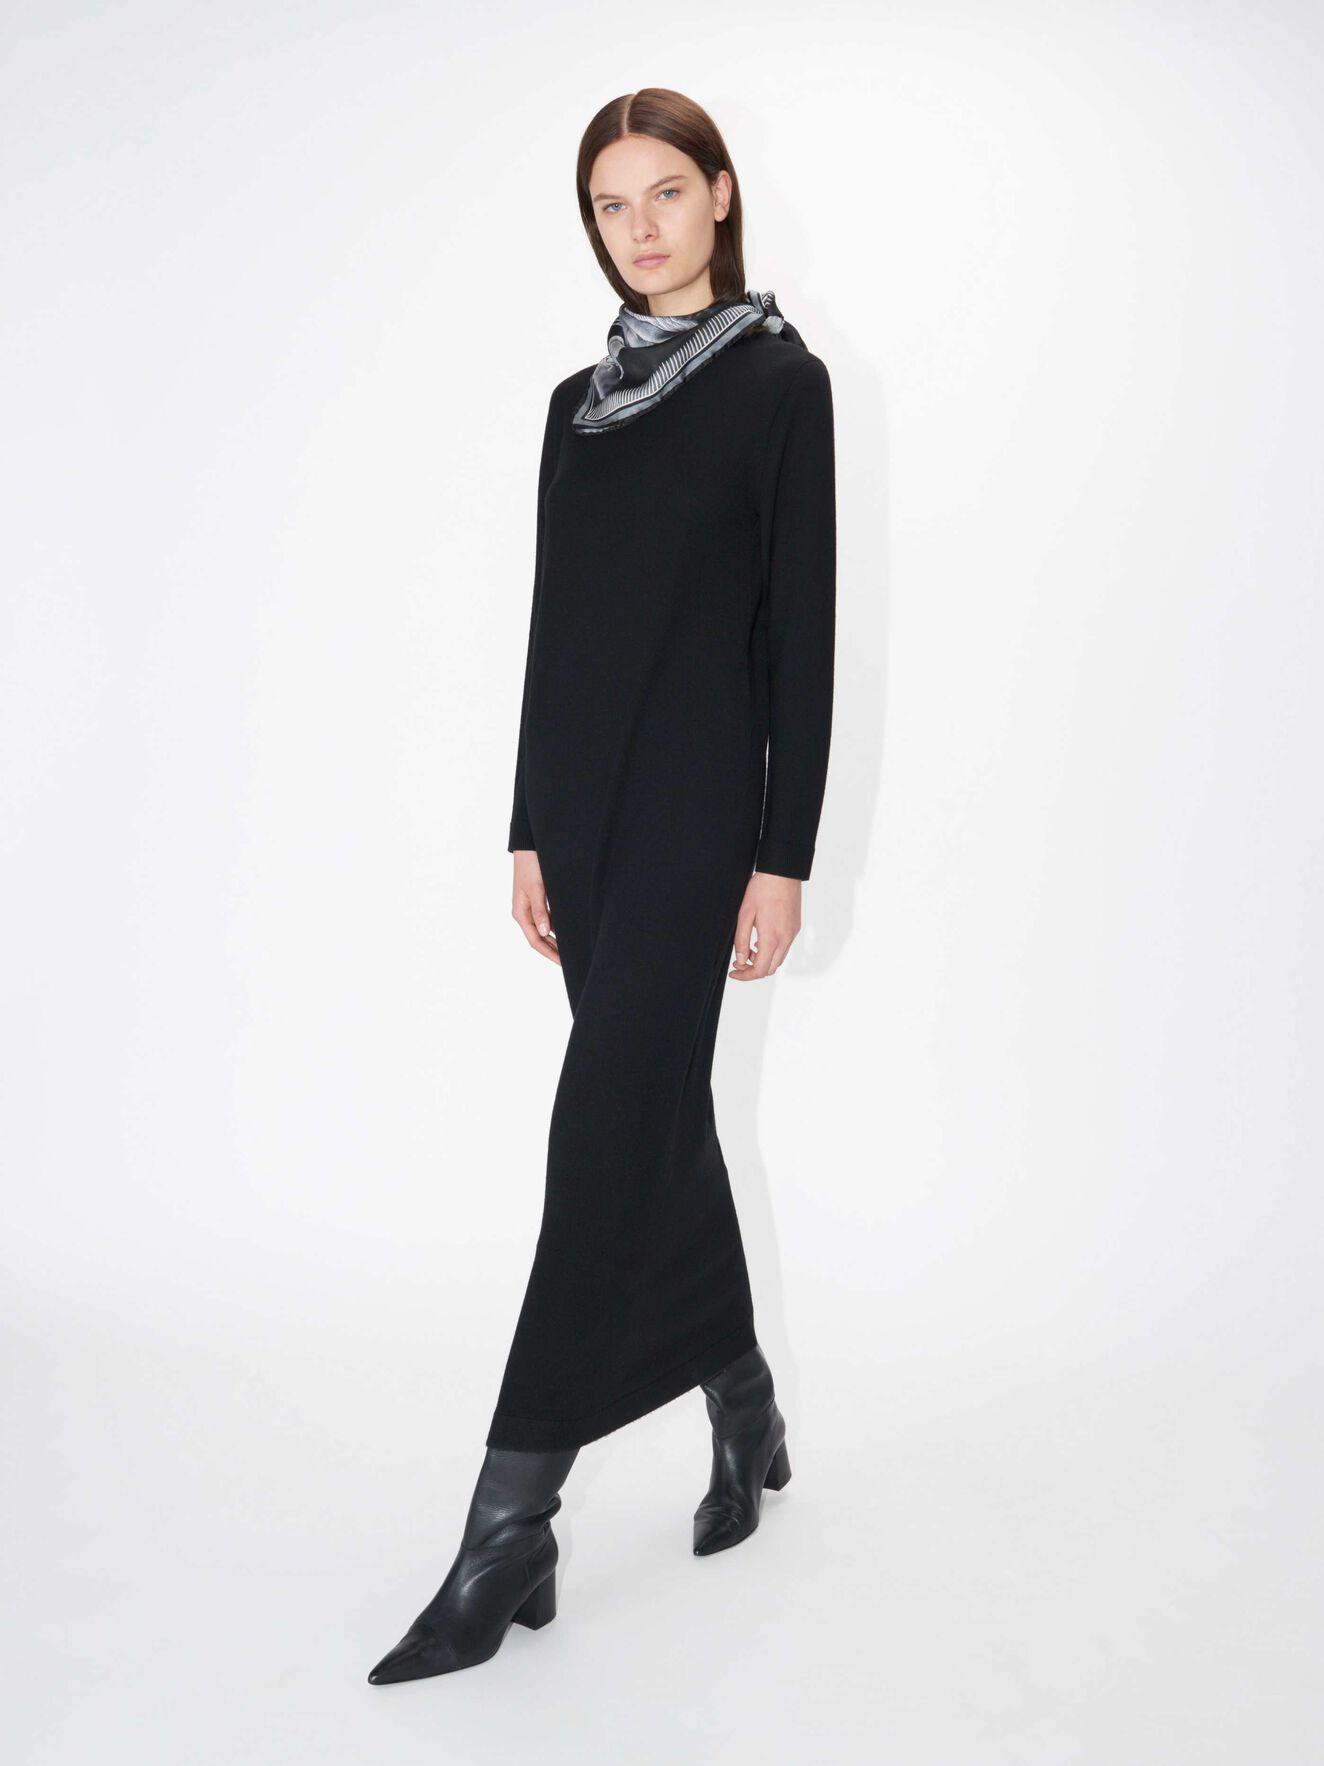 d7baf3f28 Kjoler - Shop kjoler til dag og fest online hos Tiger of Sweden